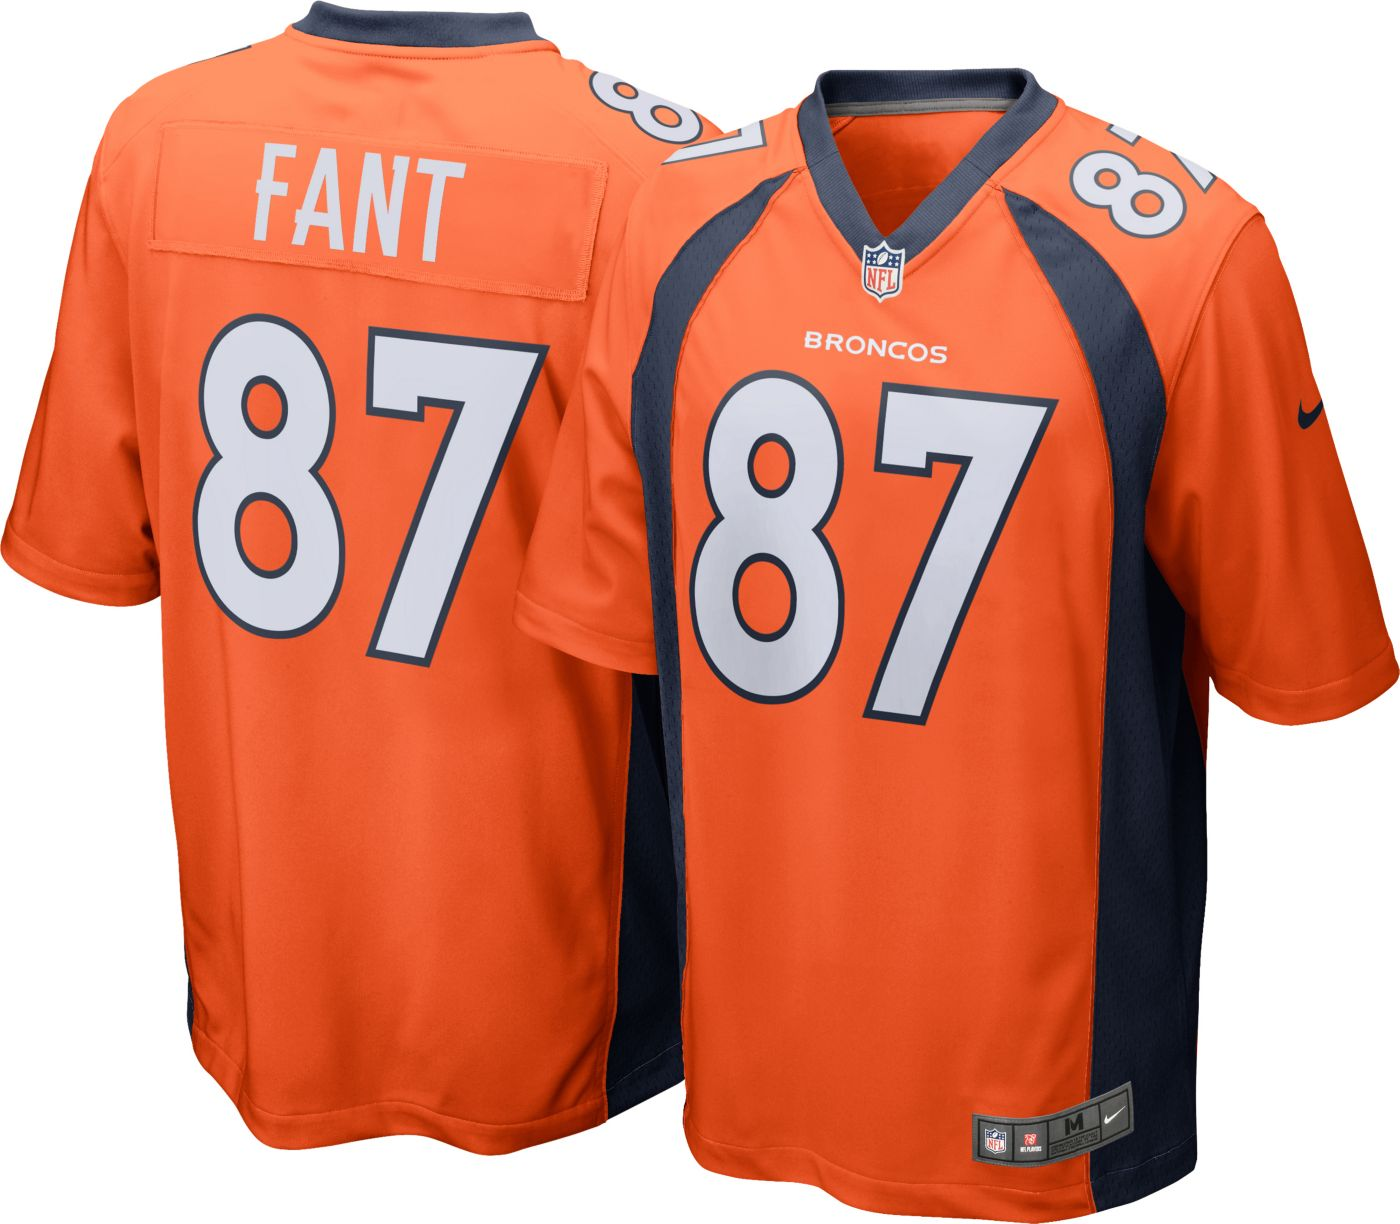 Noah Fant #87 Nike Men's Denver Broncos Home Game Jersey